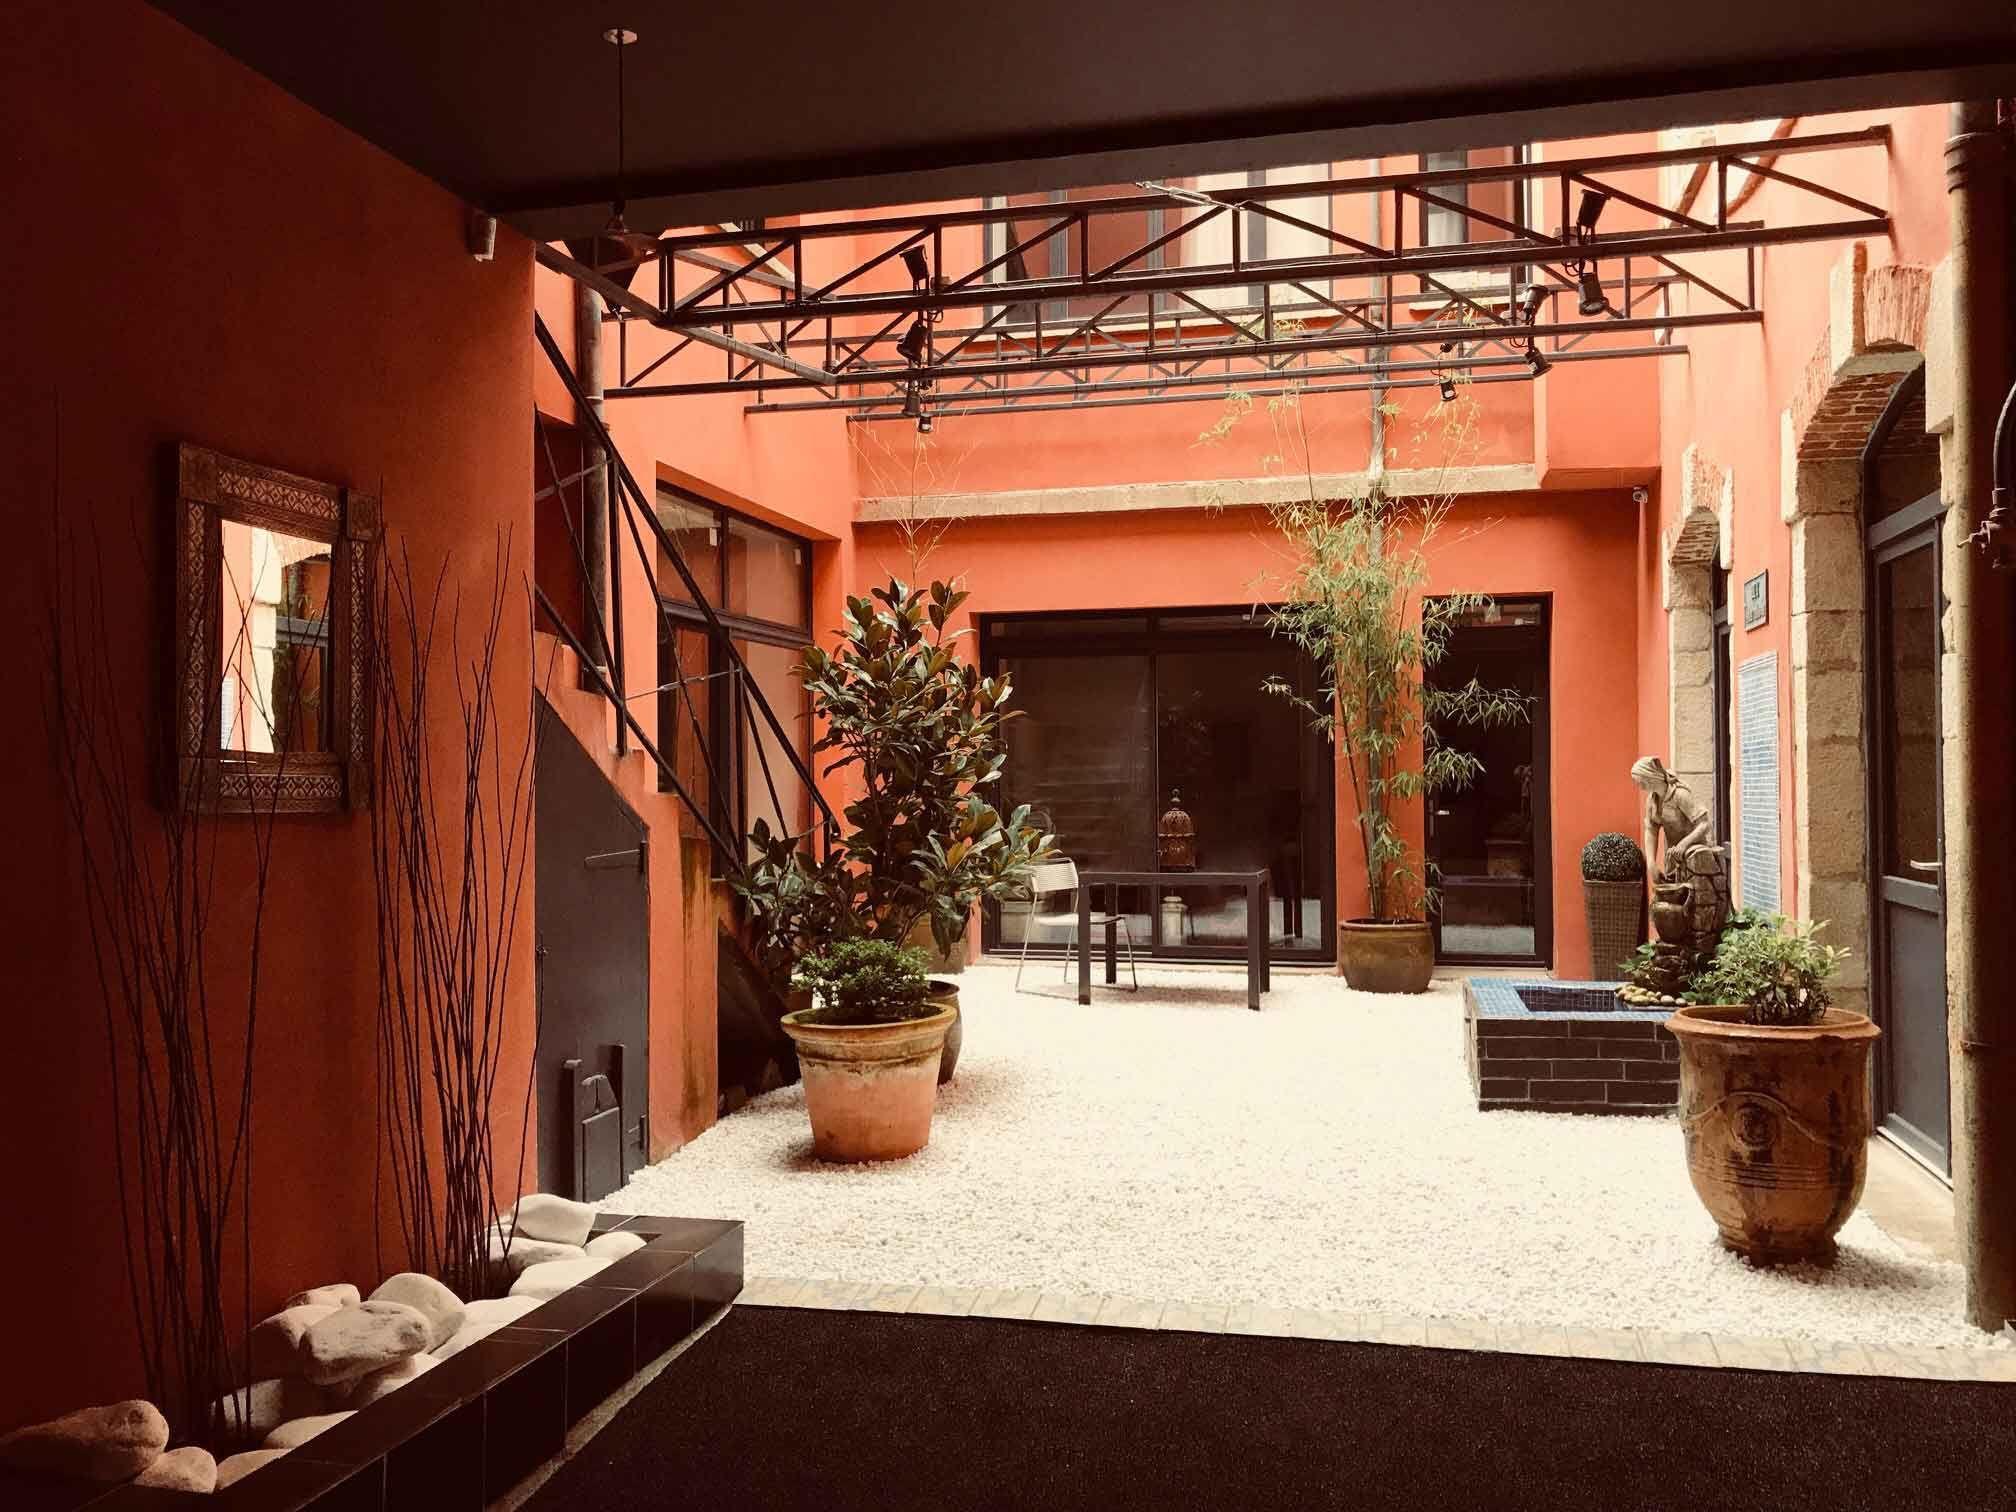 La chambre d 39 hote theodore room au puy en velay avec - Maison d hote en alsace avec piscine ...